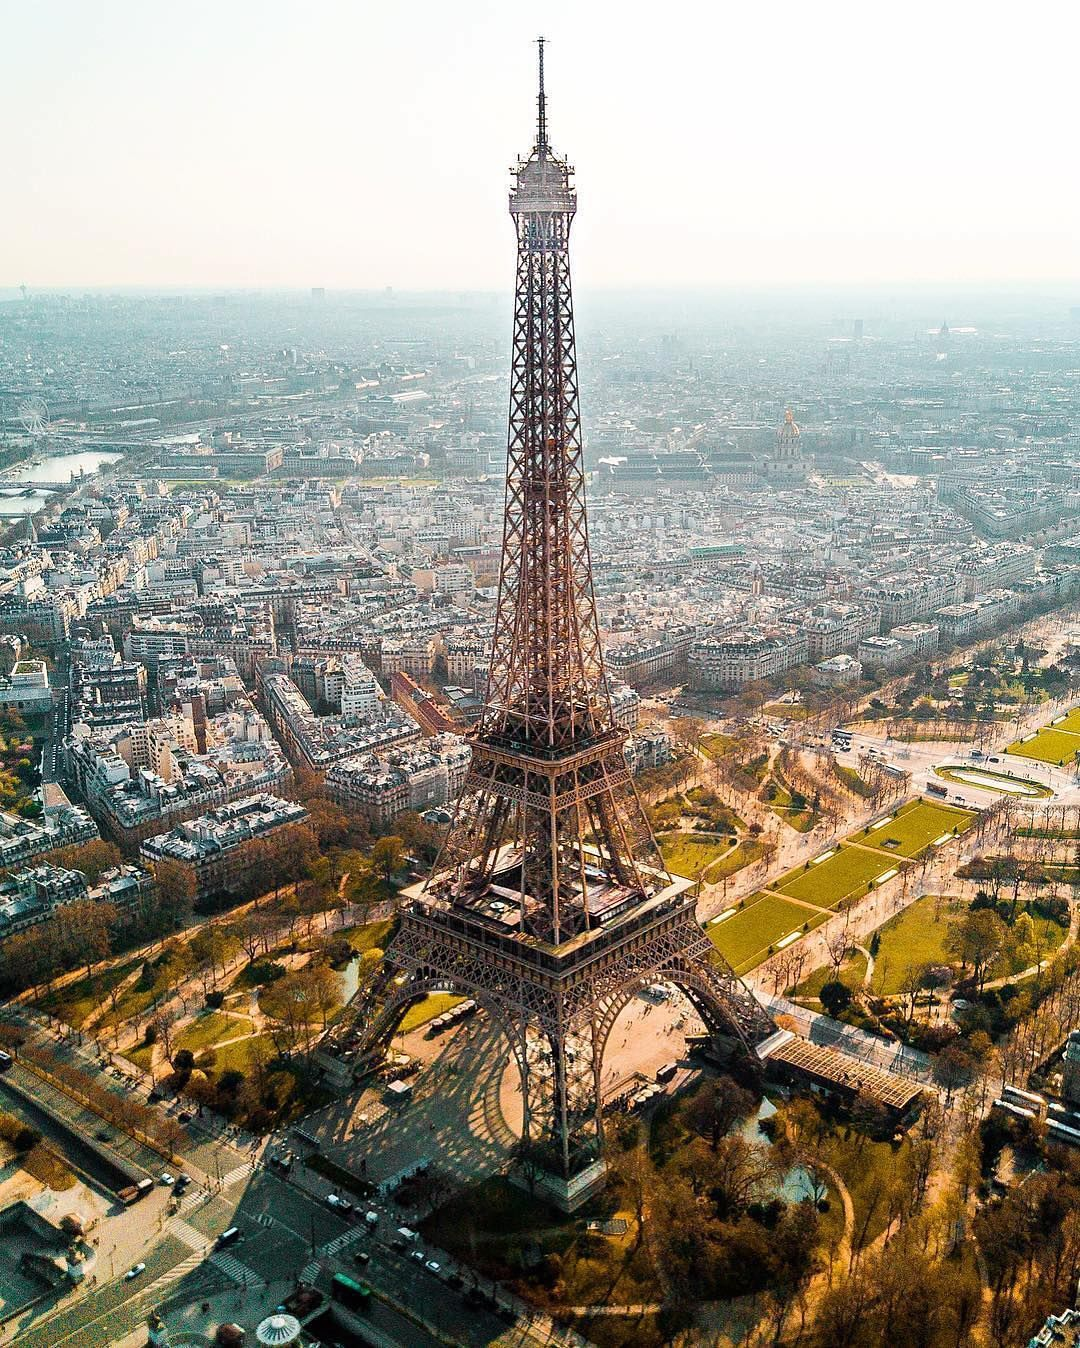 La Tour Eiffel Est Une Tour De Fer Puddle De 324 Metres De Hauteur Situee A Paris A L Extremite Nord Ouest Du Parc Du Ch Paris Paris Tour Eiffel Eiffel Tower